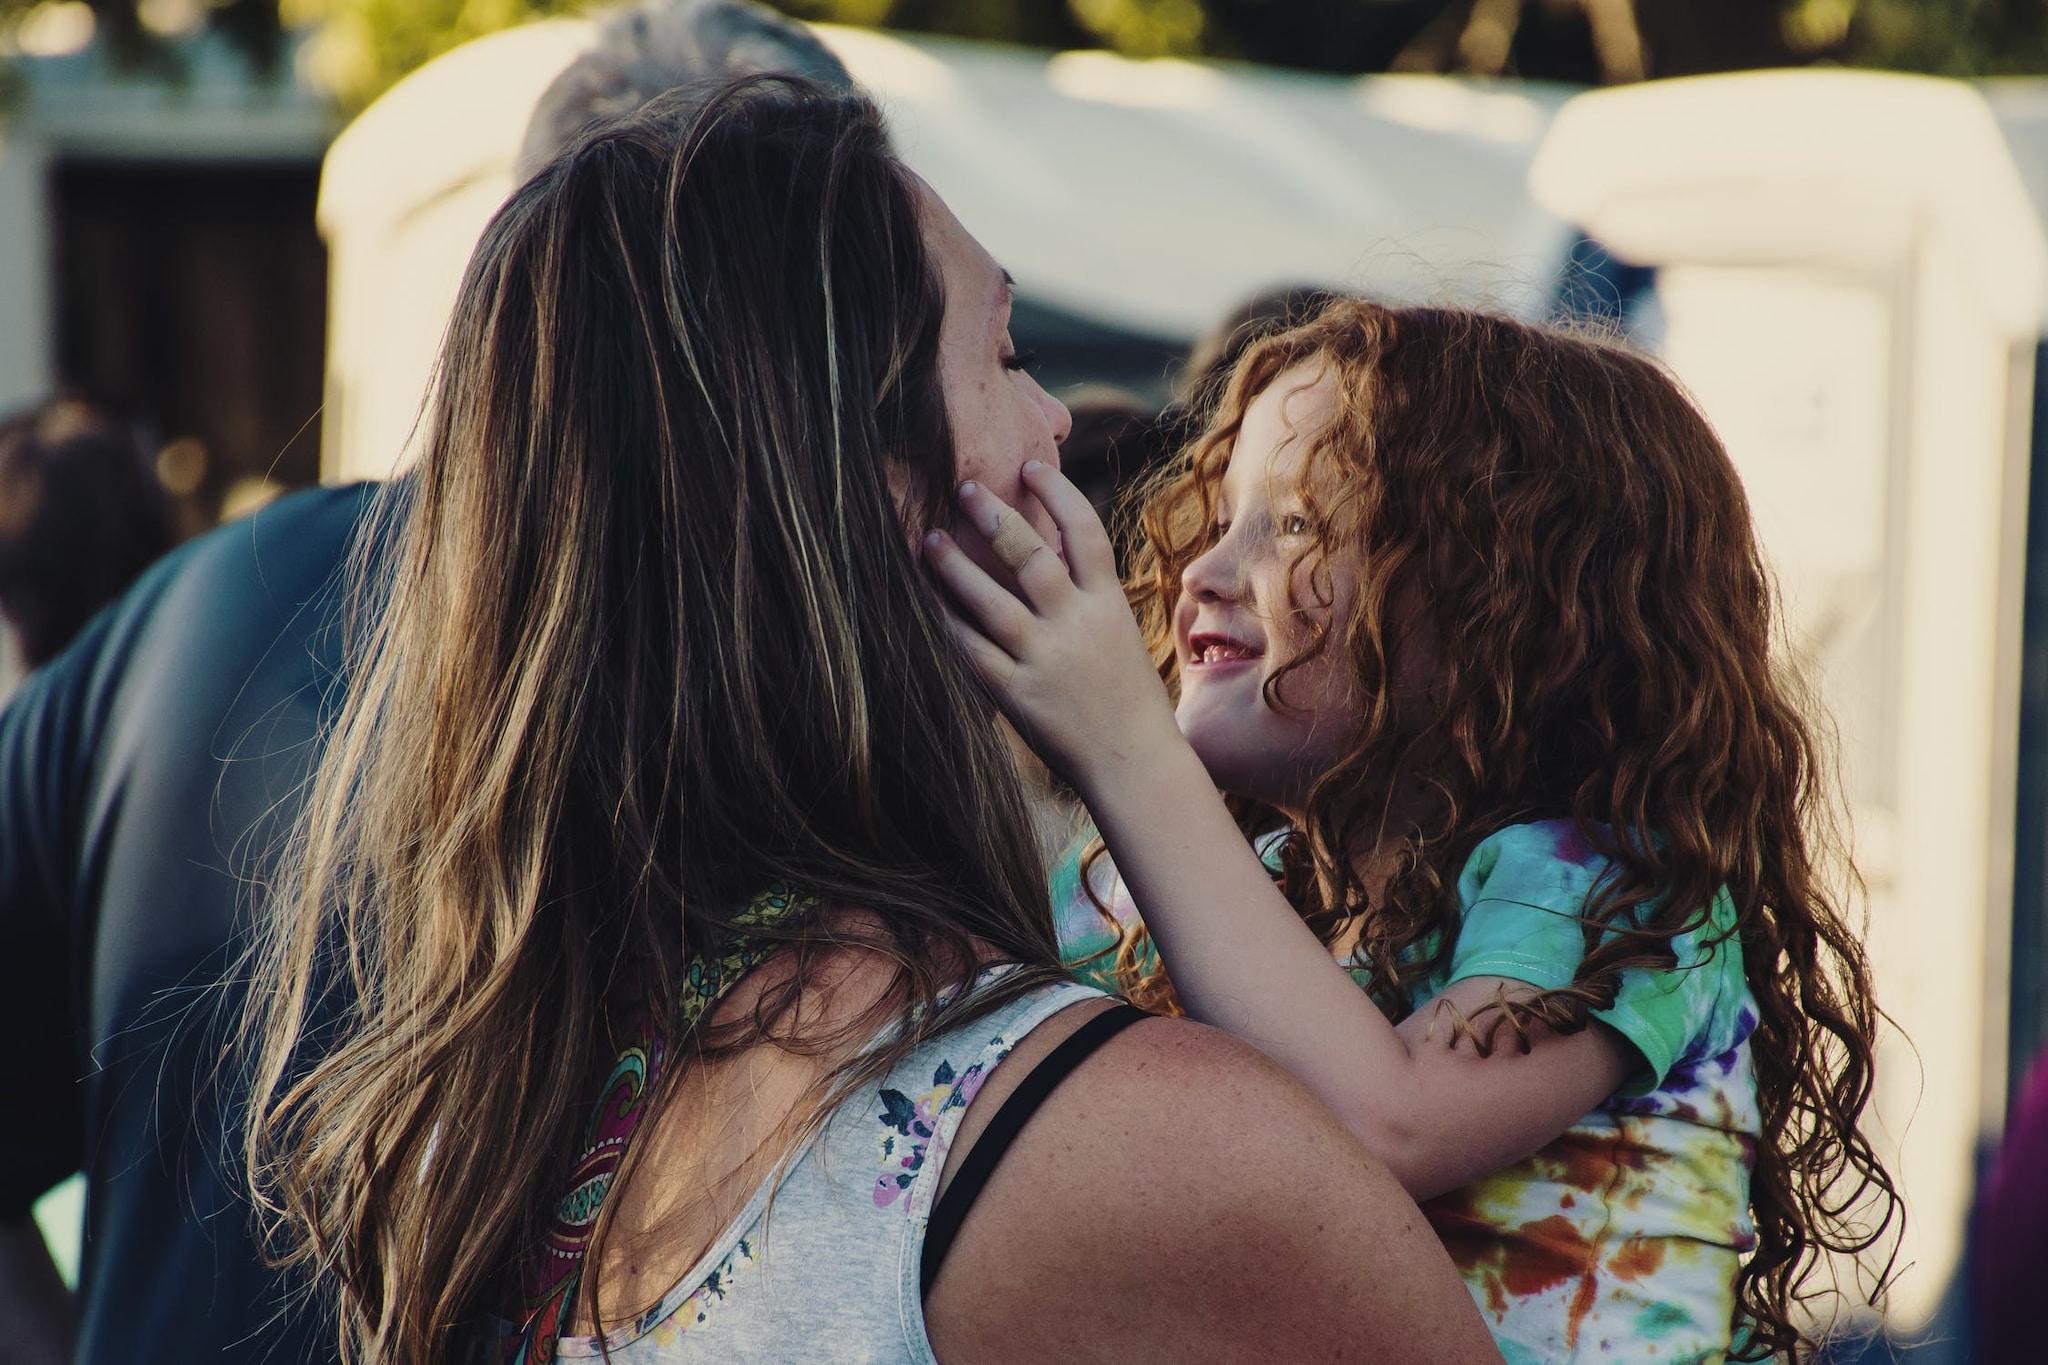 શોધકર્તાઓનું કહેવું છે કે બાળકને જન્મ આપતા સમયે મા નું માનસિક અને શારીરિક રીતે સ્વસ્થ રહેવું ખૂબ જ જરૂરી છે. જો માં સ્વસ્થ નહીં હોય તો તેની નકારાત્મક અસર બાળકના સ્વાસ્થ્ય પર પણ પડશે